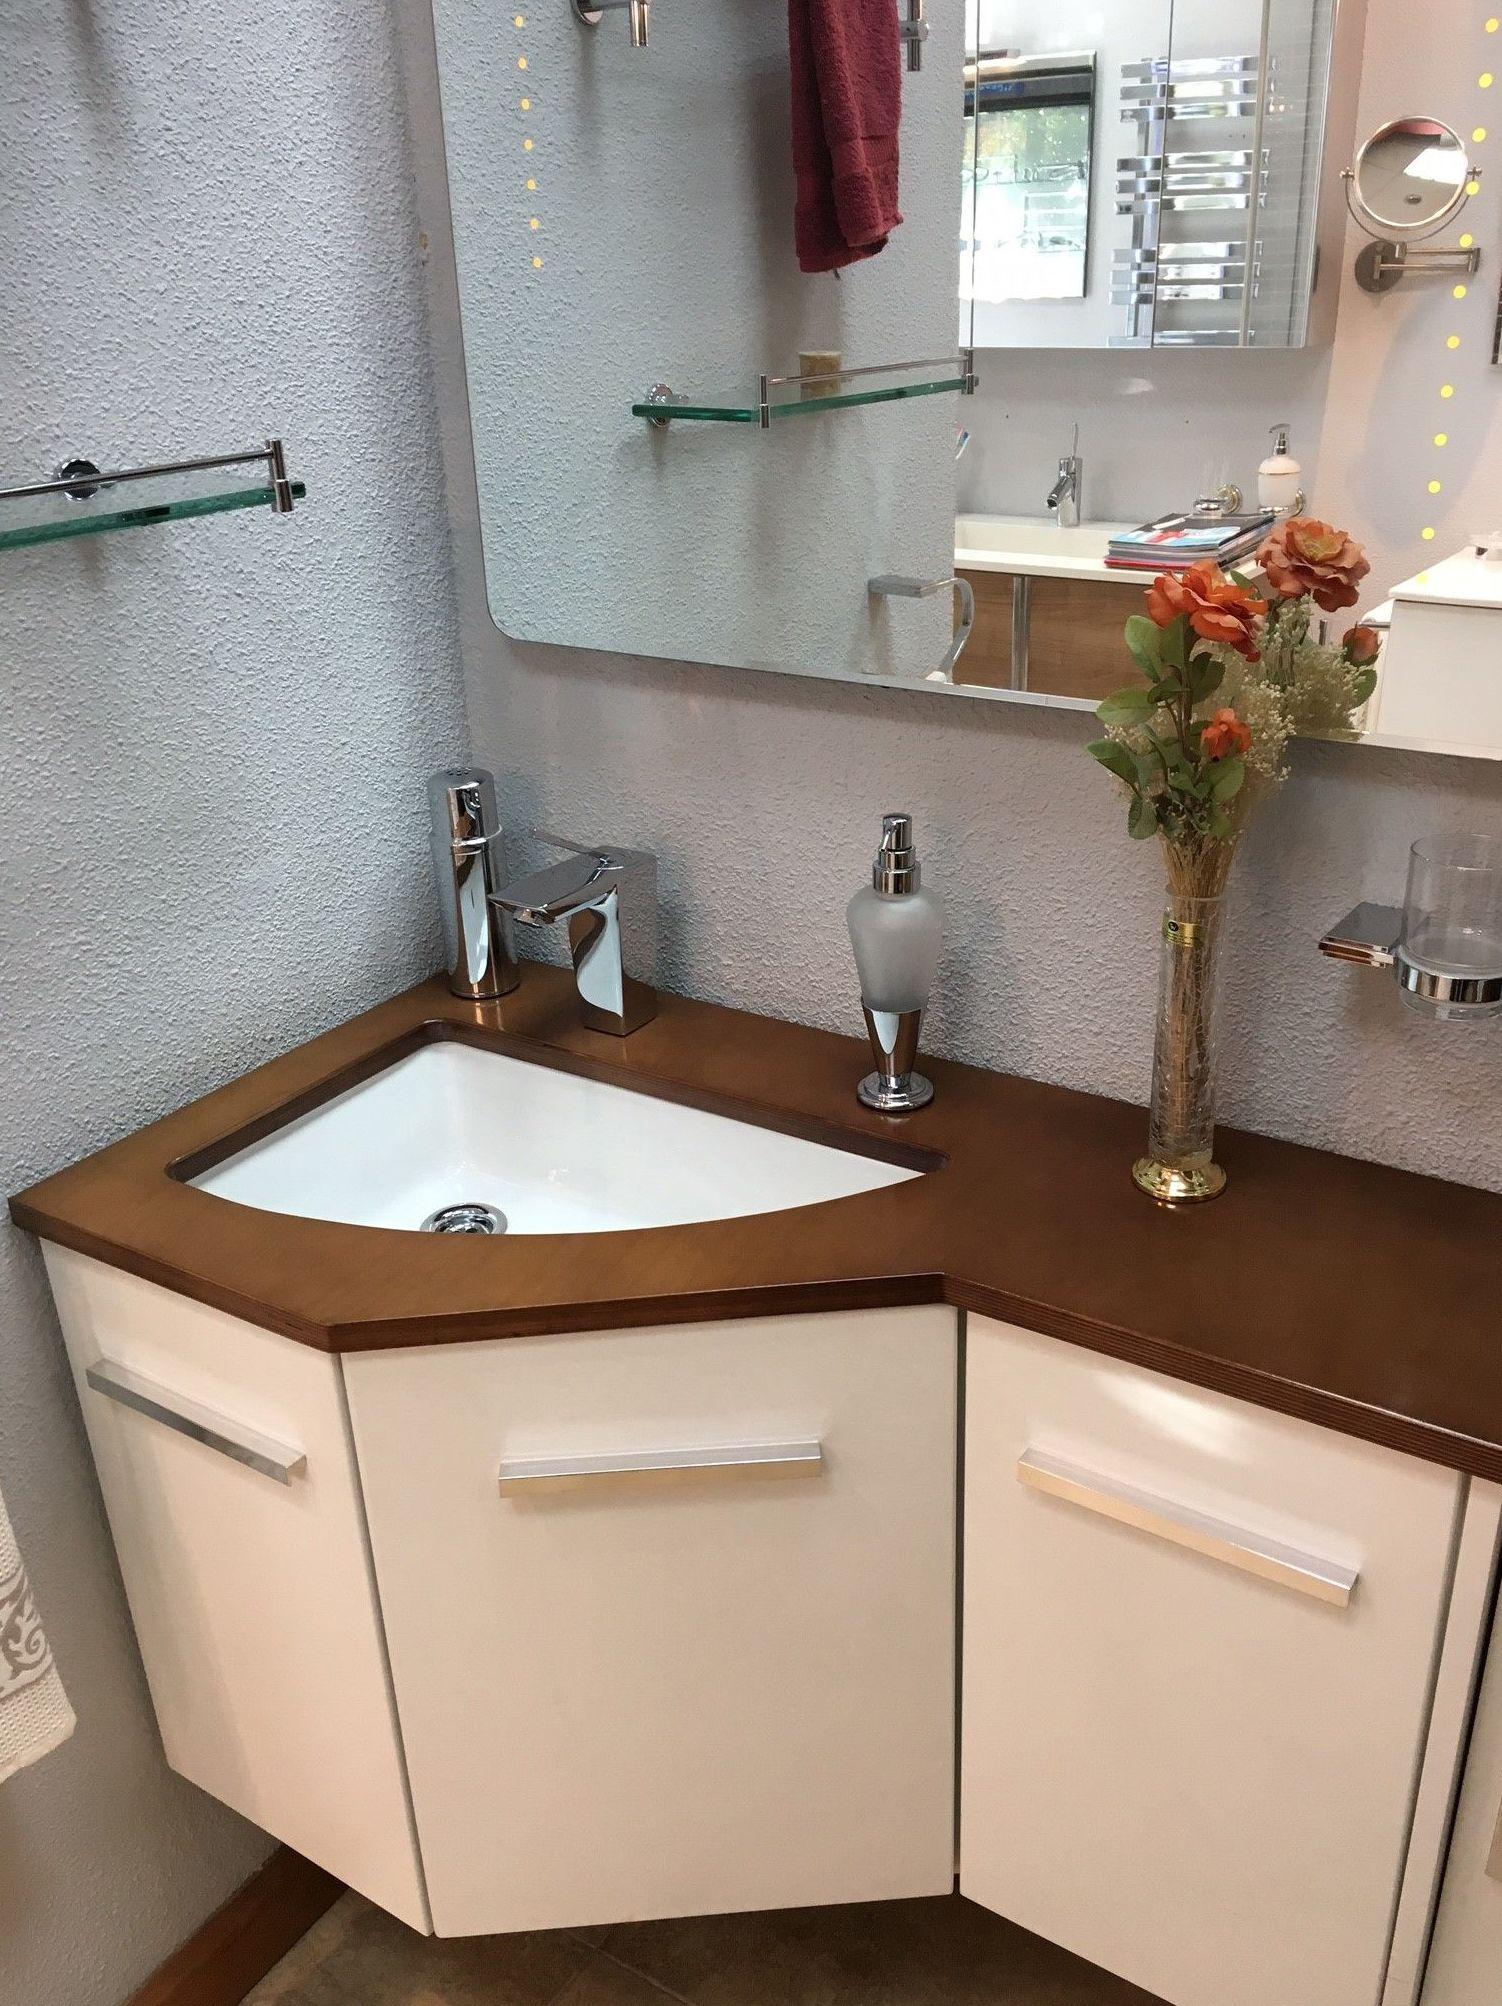 Foto 14 de Muebles de baño y cocina en Madrid | Atrezzo Cocina y Baño